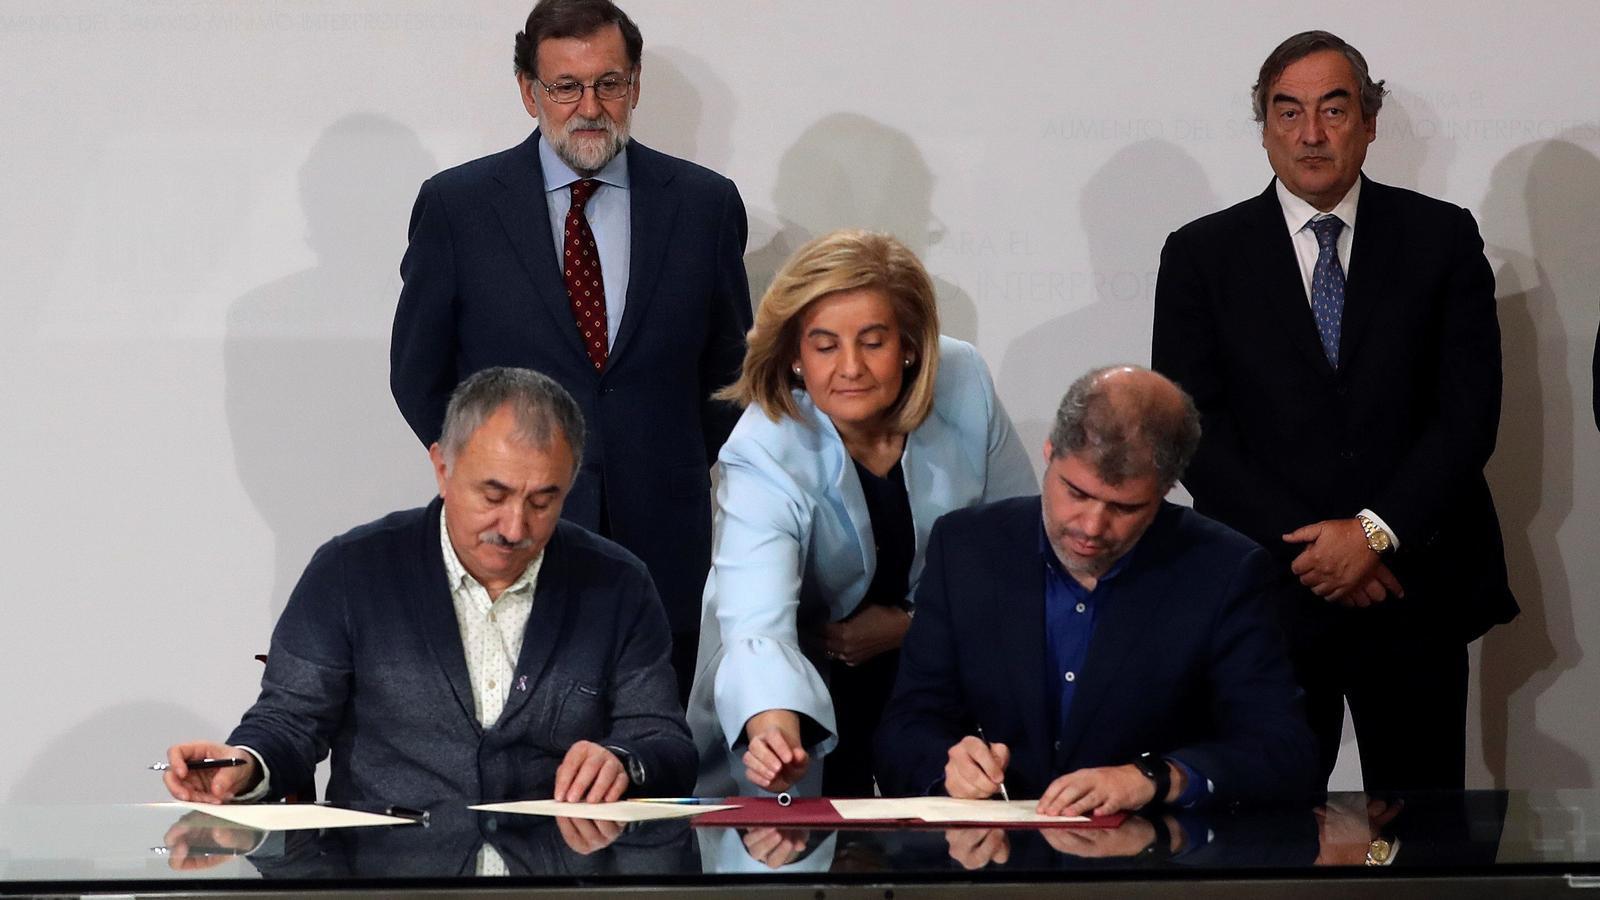 El govern espanyol, la patronal i els sindicats han signat l'acord per l'augment condicionat del salari mínim fins el 2020